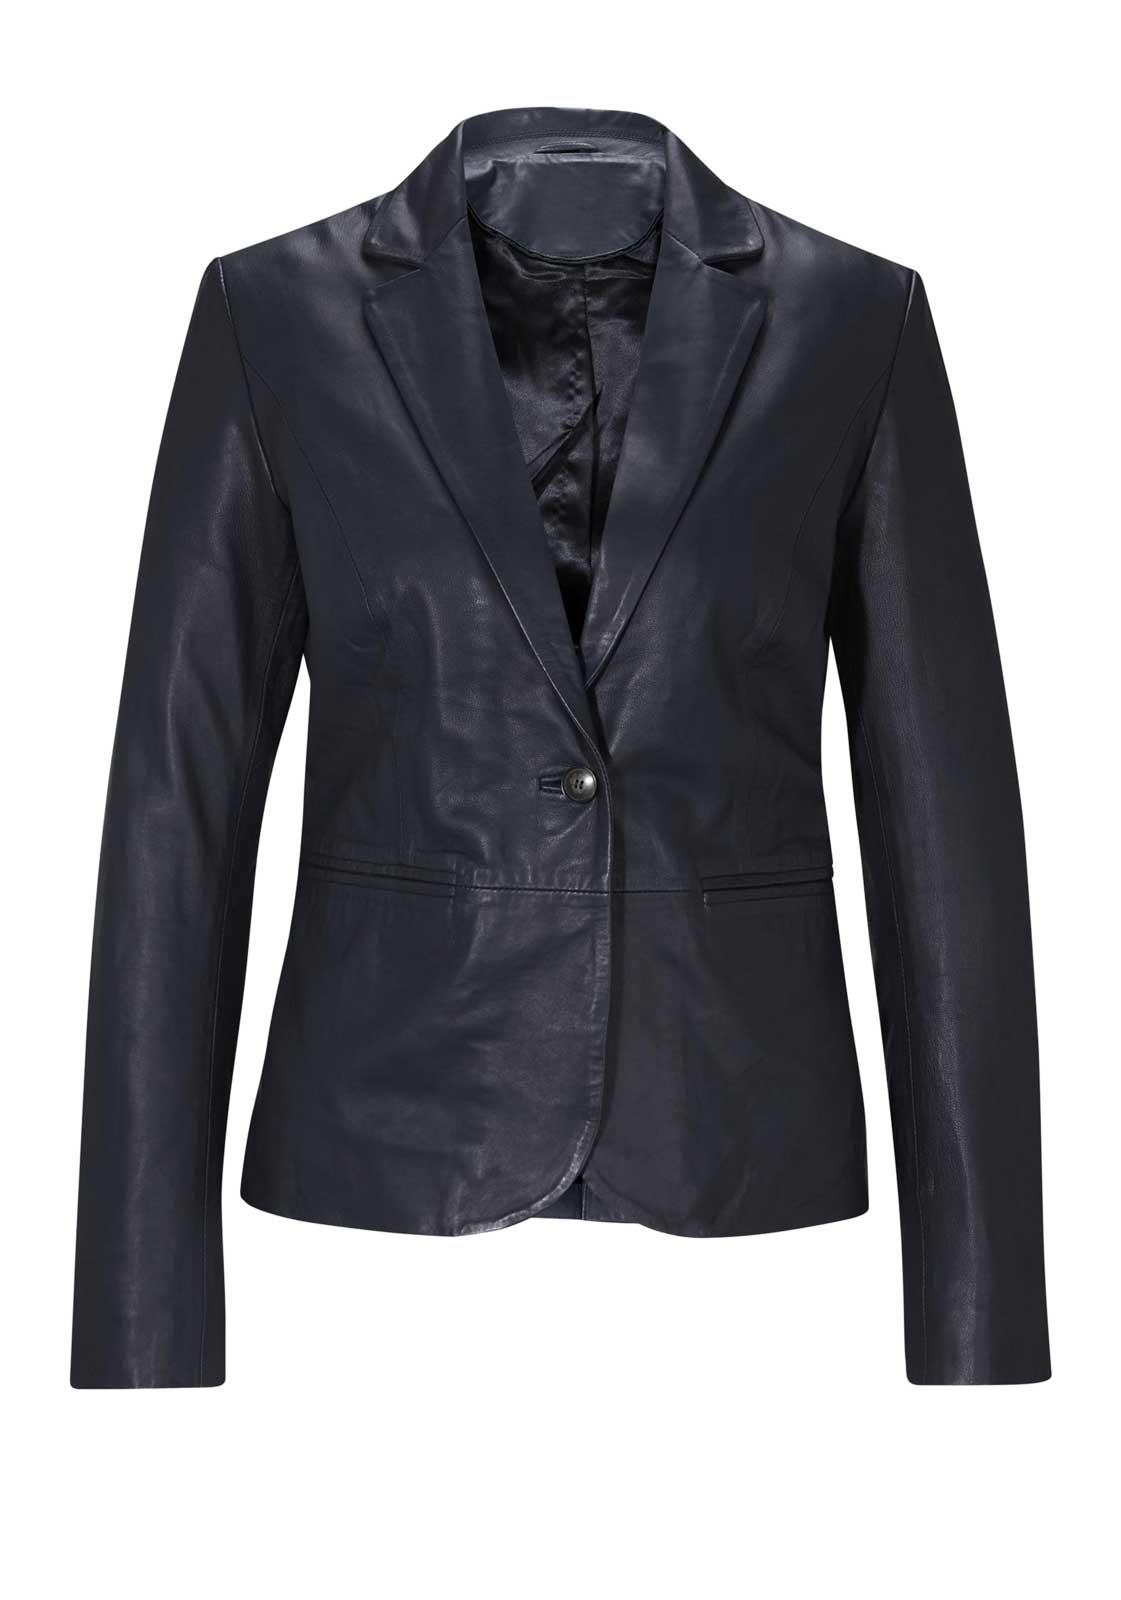 jacken auf rechnung bestellen als neukunde HEINE Damen Designer-Lammnappalederjacke Marine Blau Echtleder Blazer Optik TOP 515.948a MISSFORTY